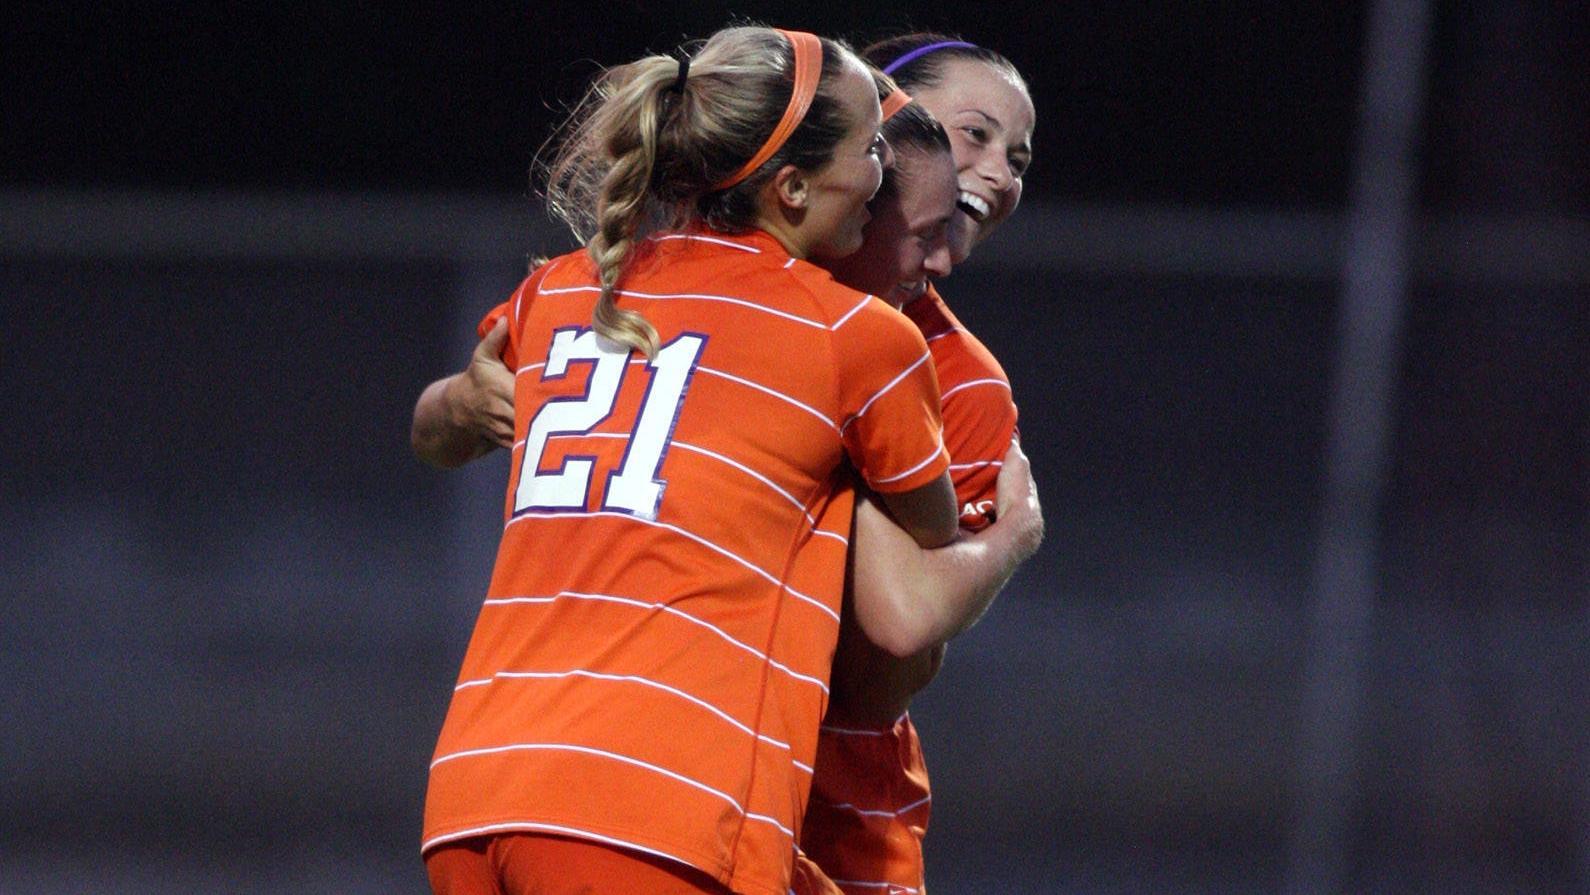 ClemsonTigers.com Exclusive: Women's Soccer on Path of Progress